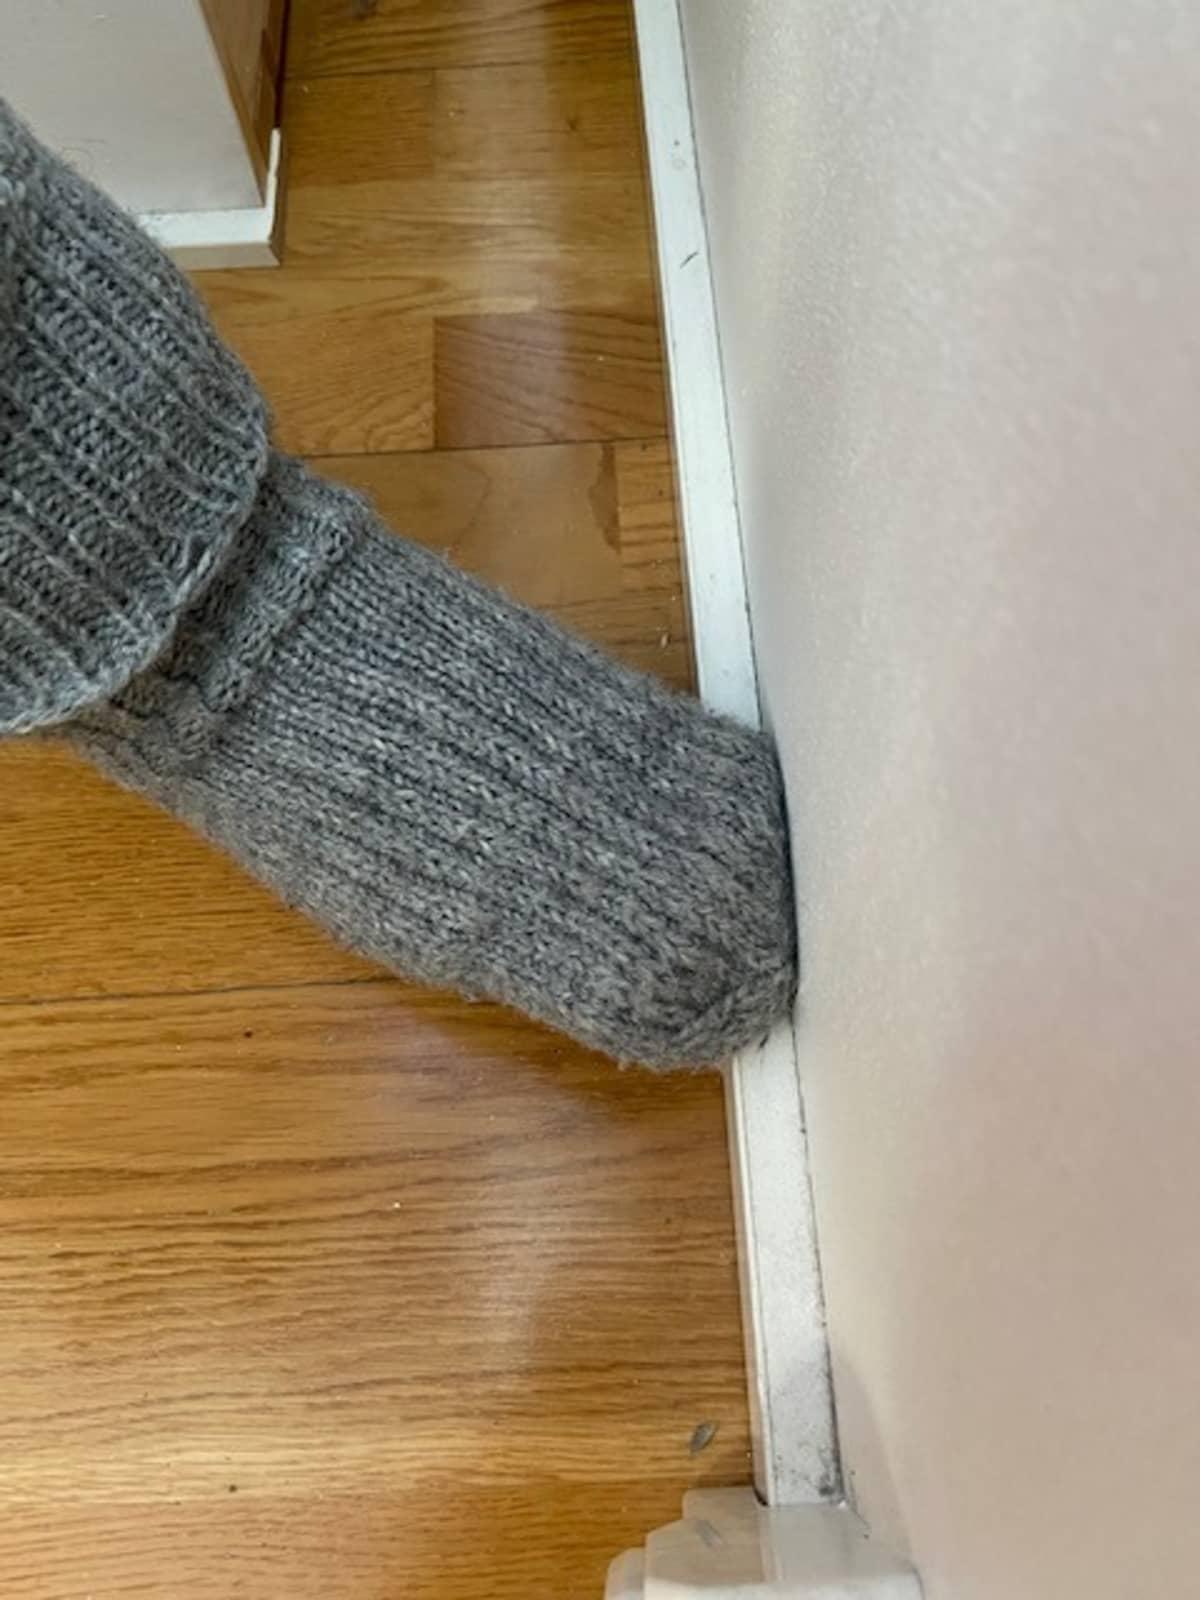 Jalkalistan pölynpyyhintää jalassa olevalla villasukalla.